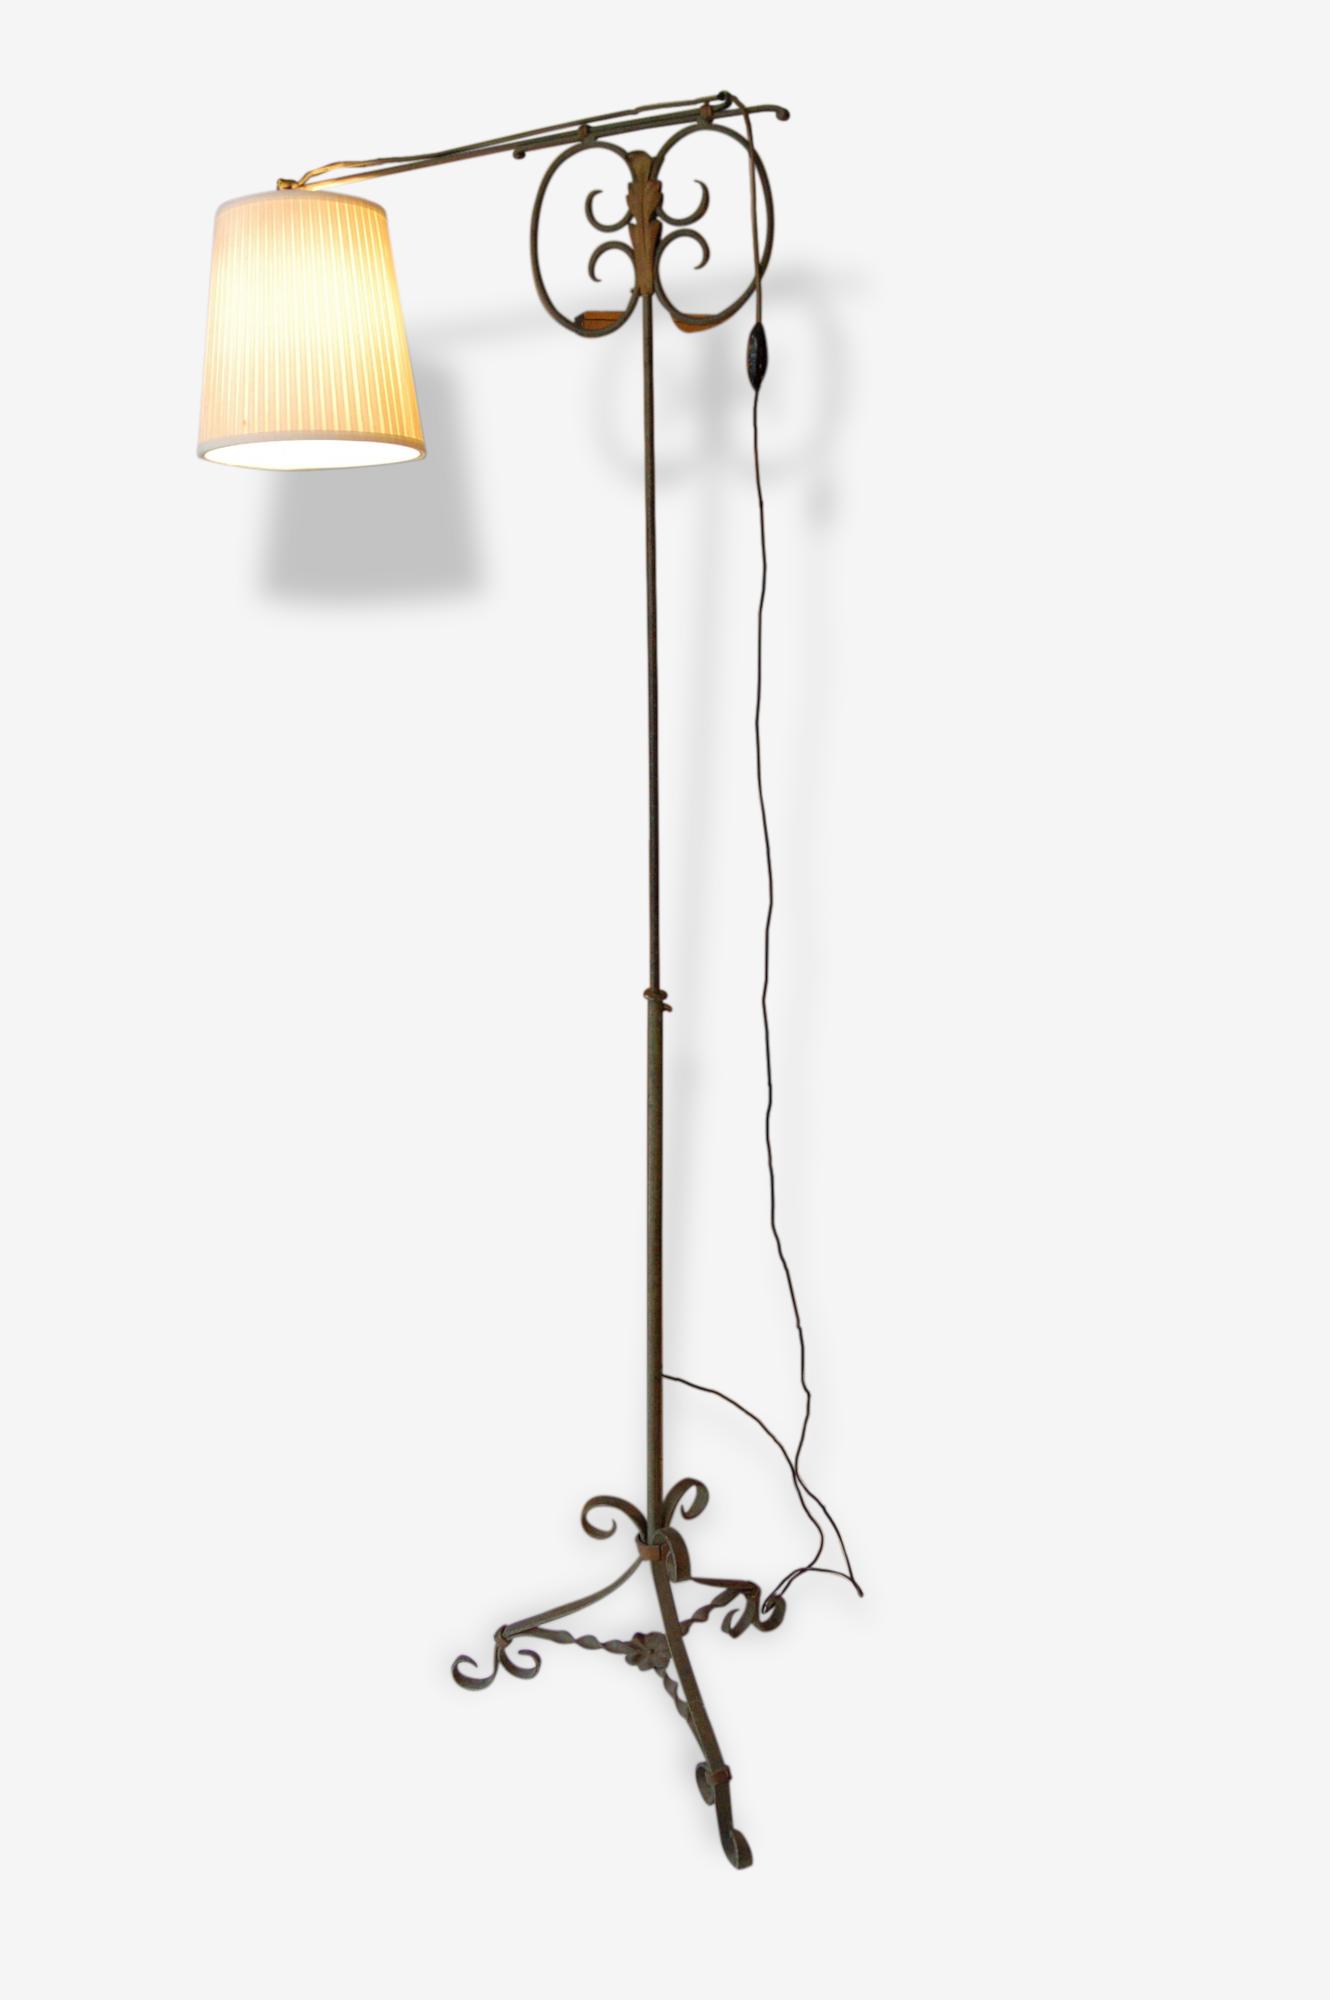 Lampadaire à crémaillère vintage potence années 40 50 fer forgé